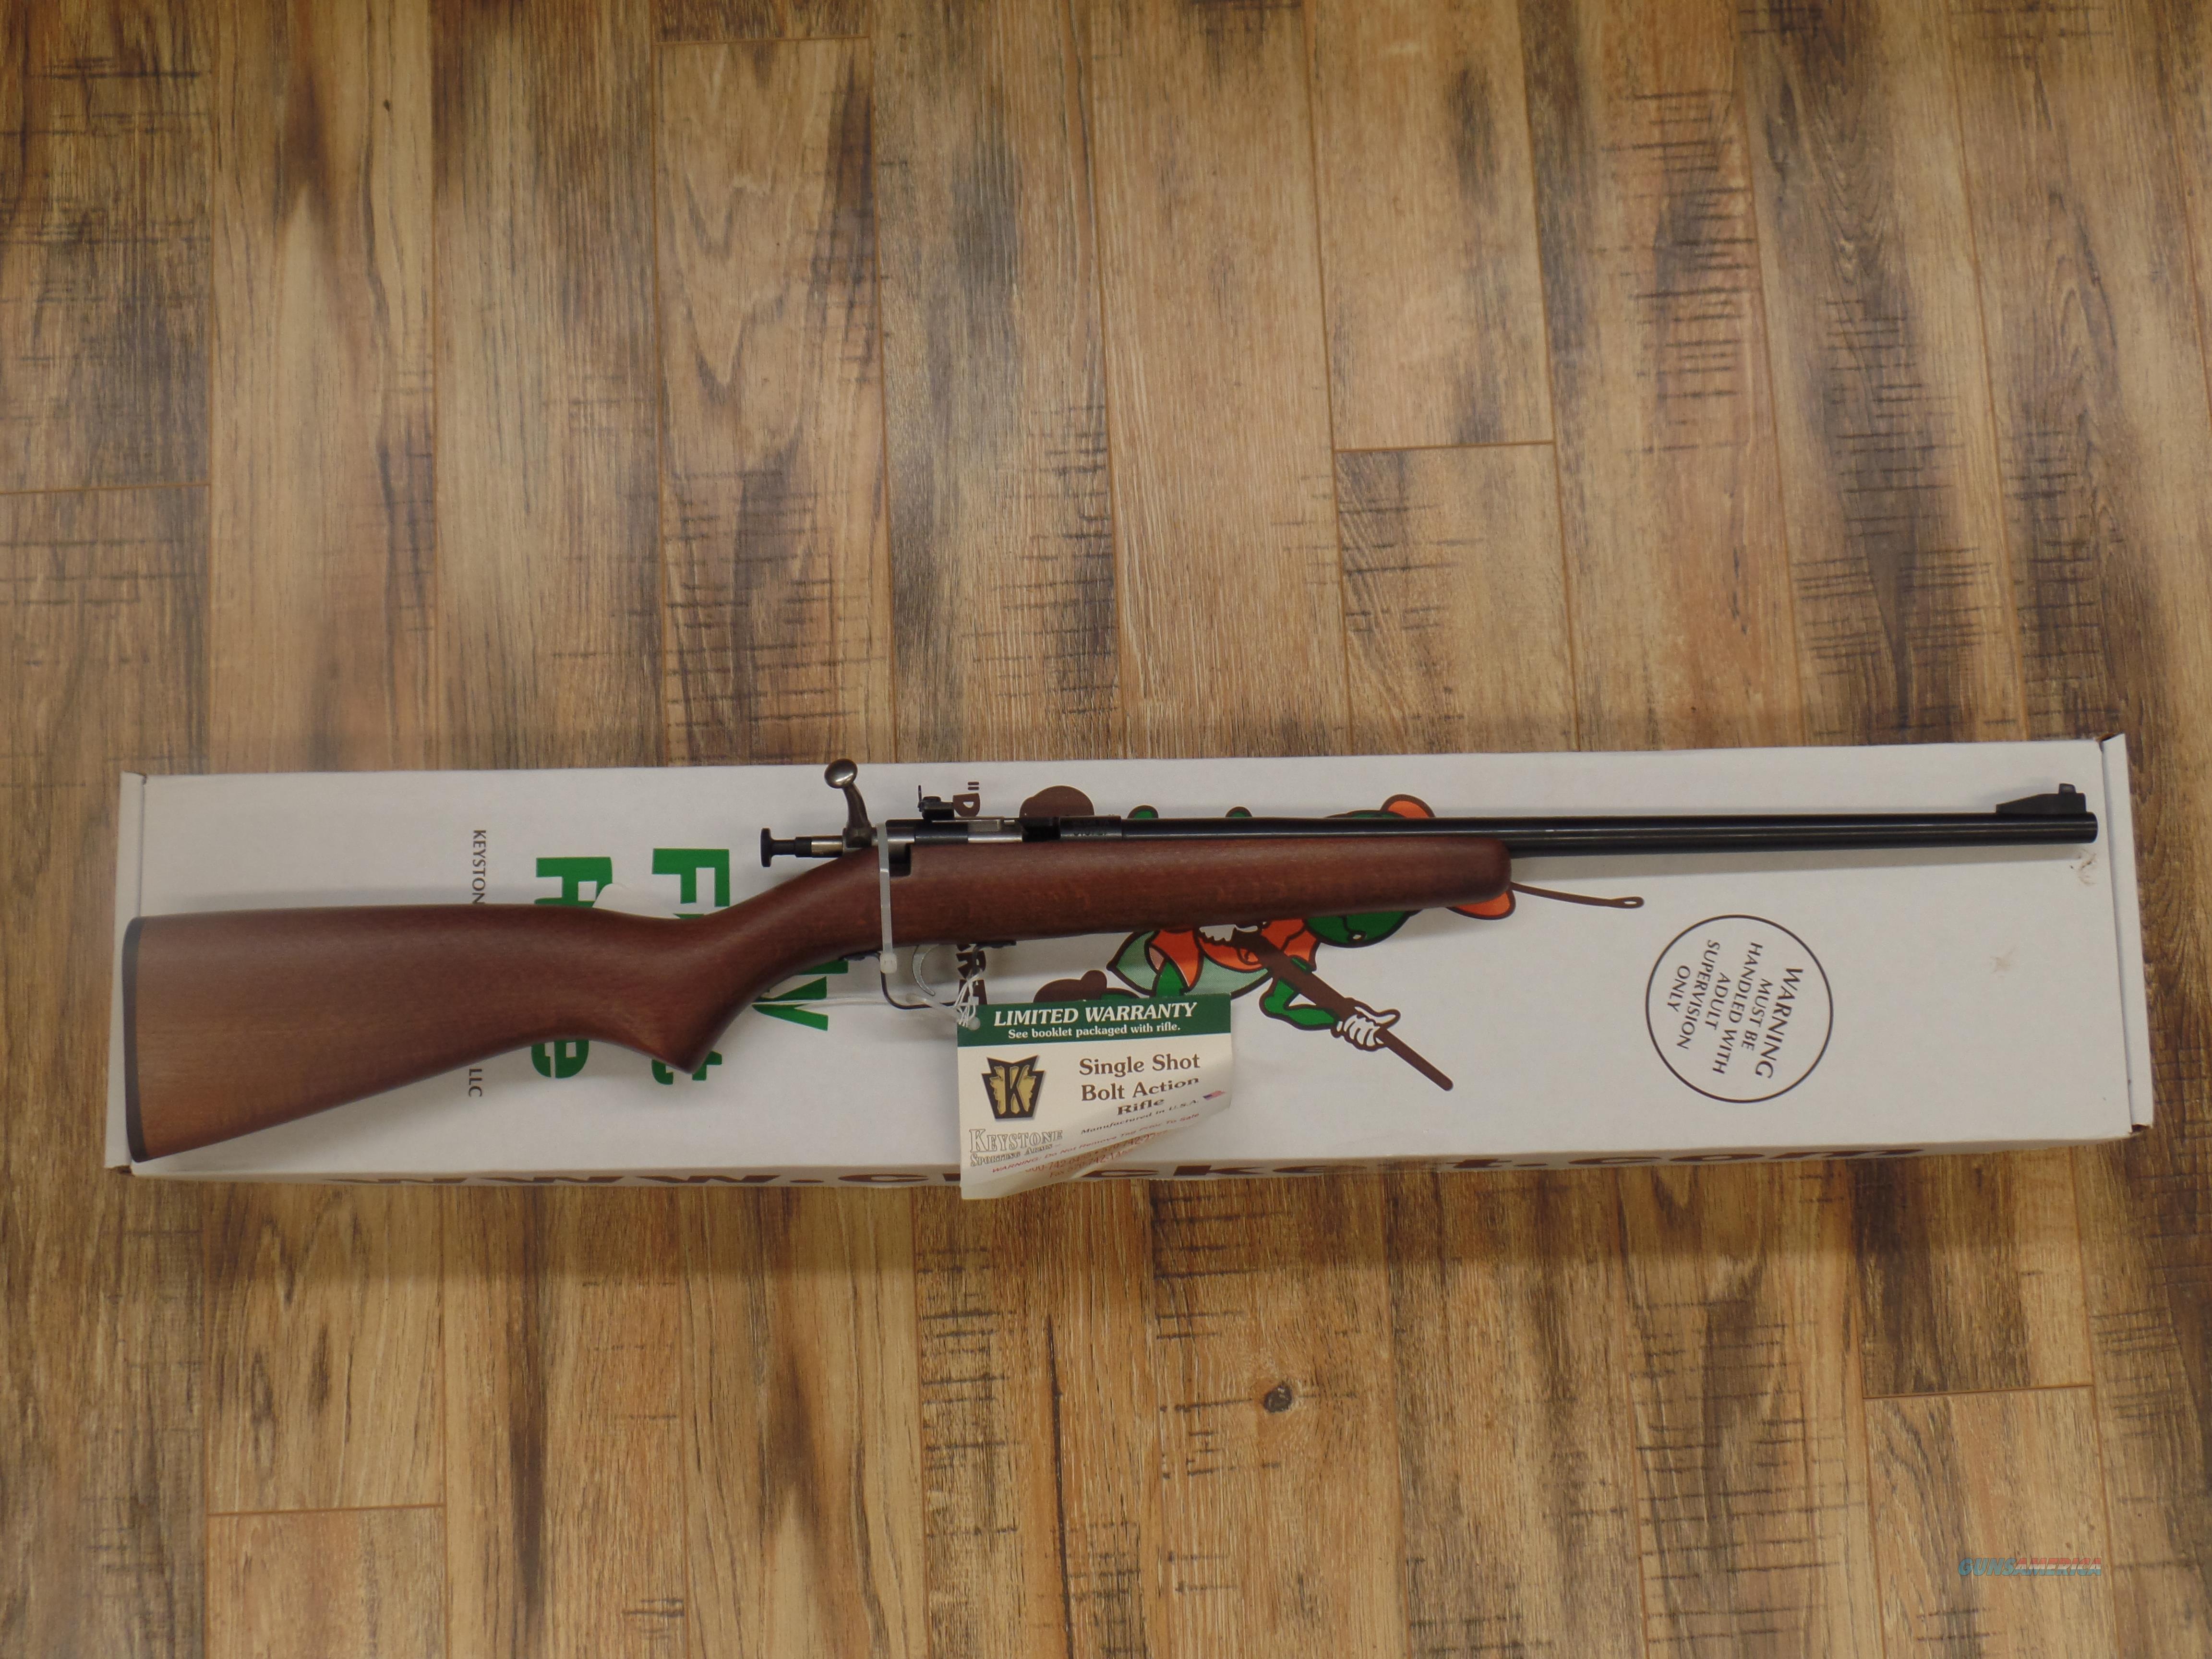 Keystone Arms Crickett Wood (22 LR)